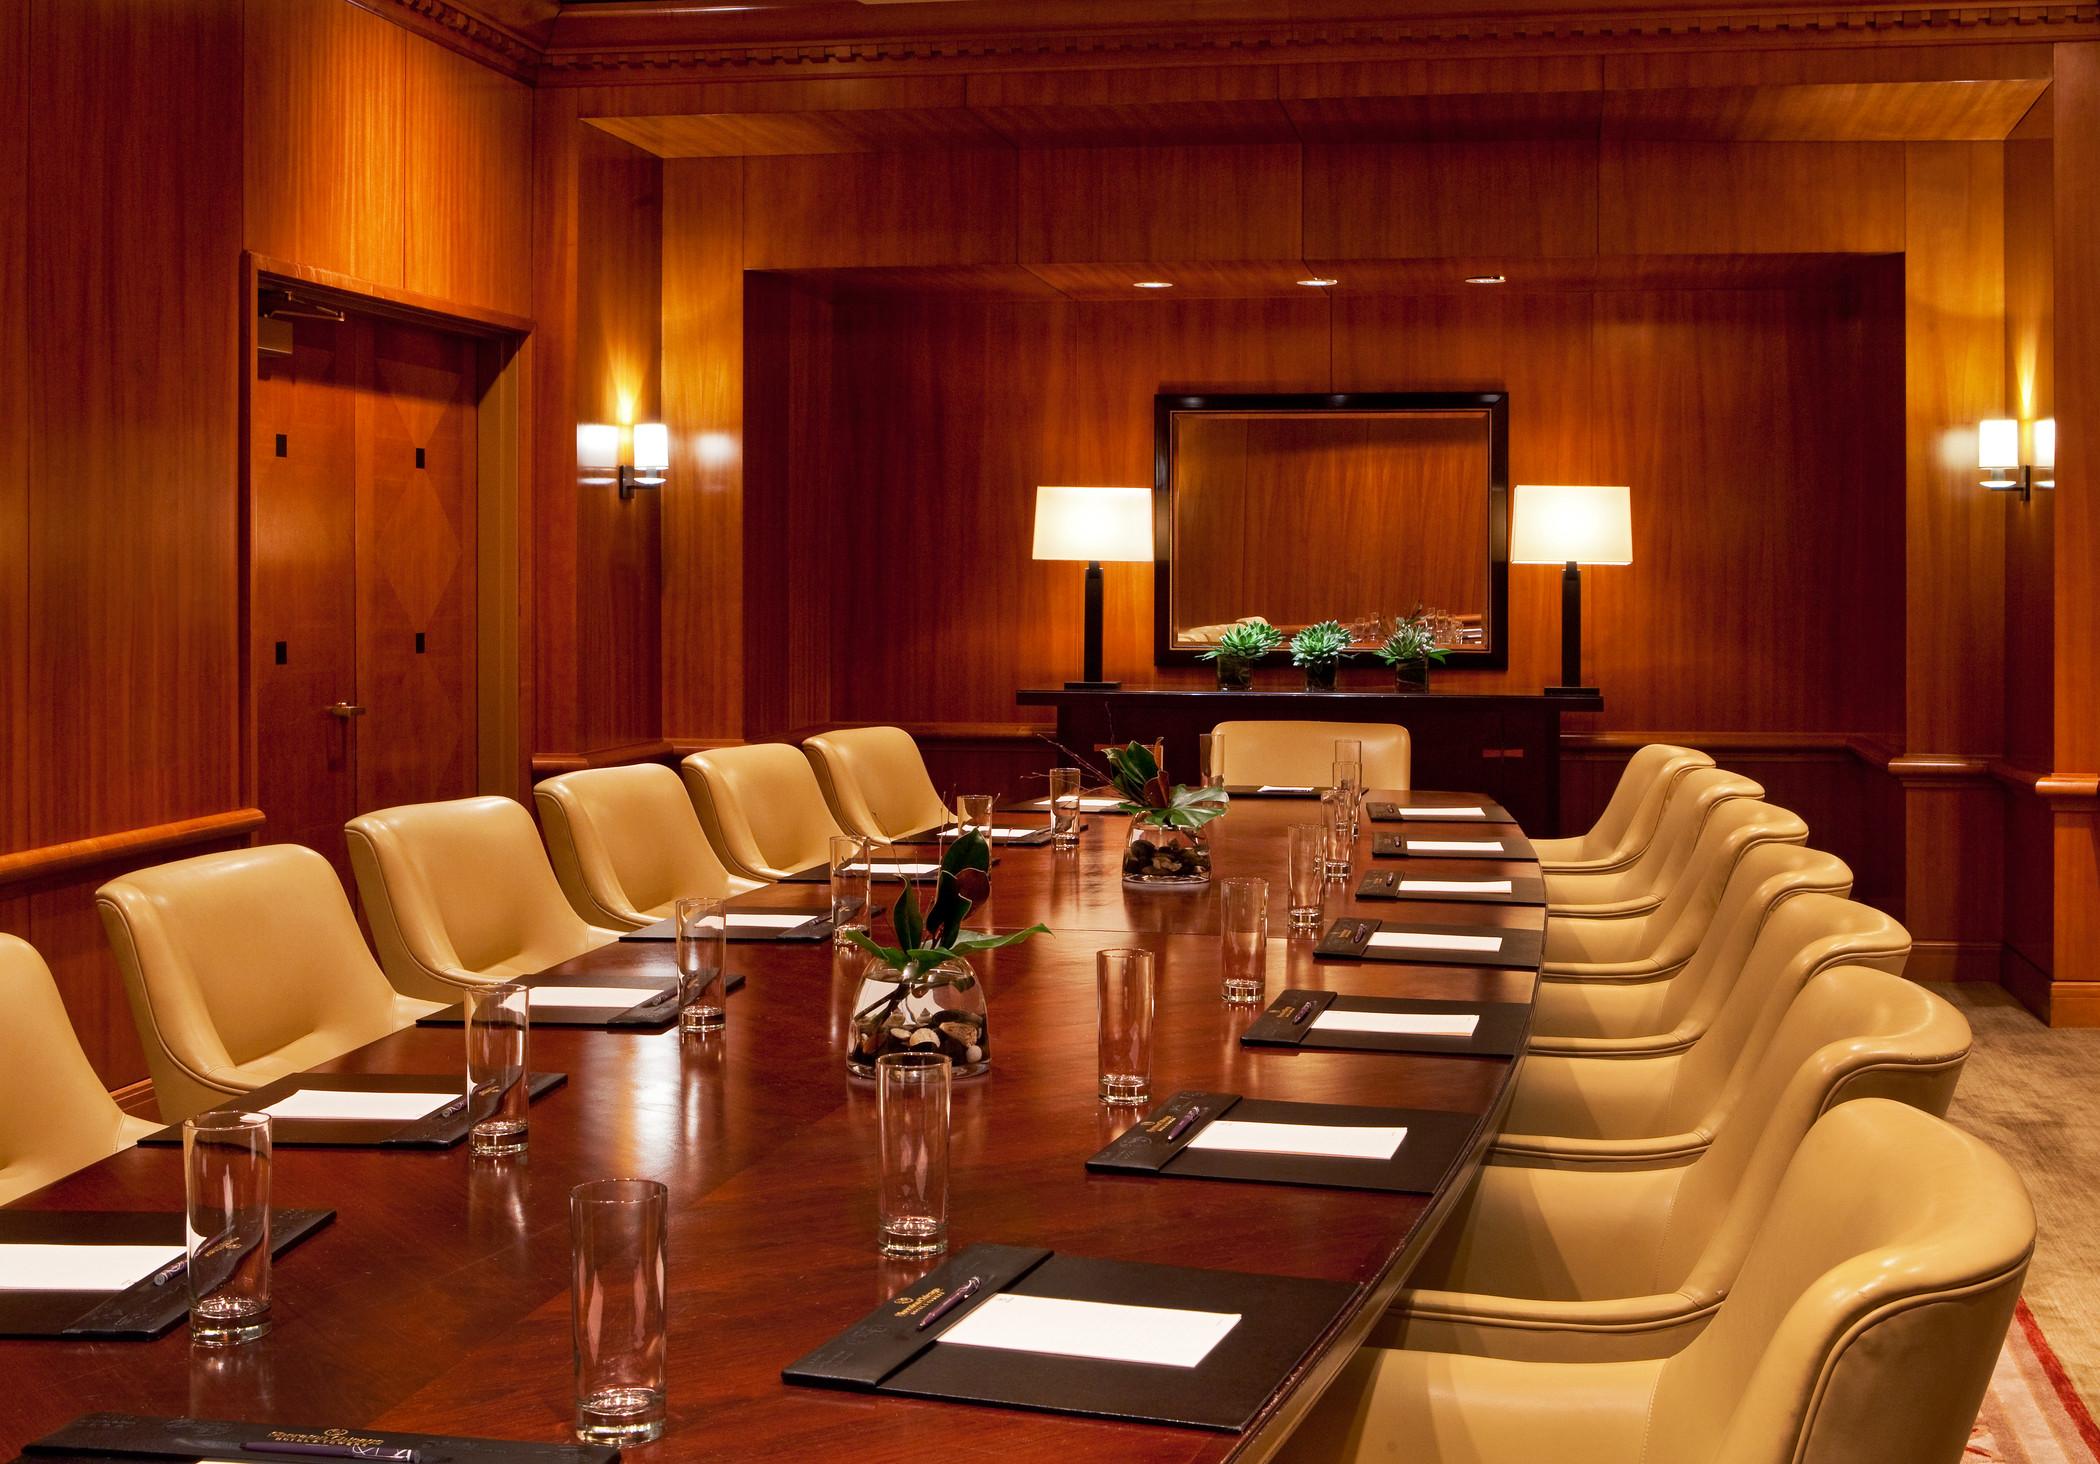 Sheraton Grand Chicago | Illinois and Lincoln Executive Boardrooms ...